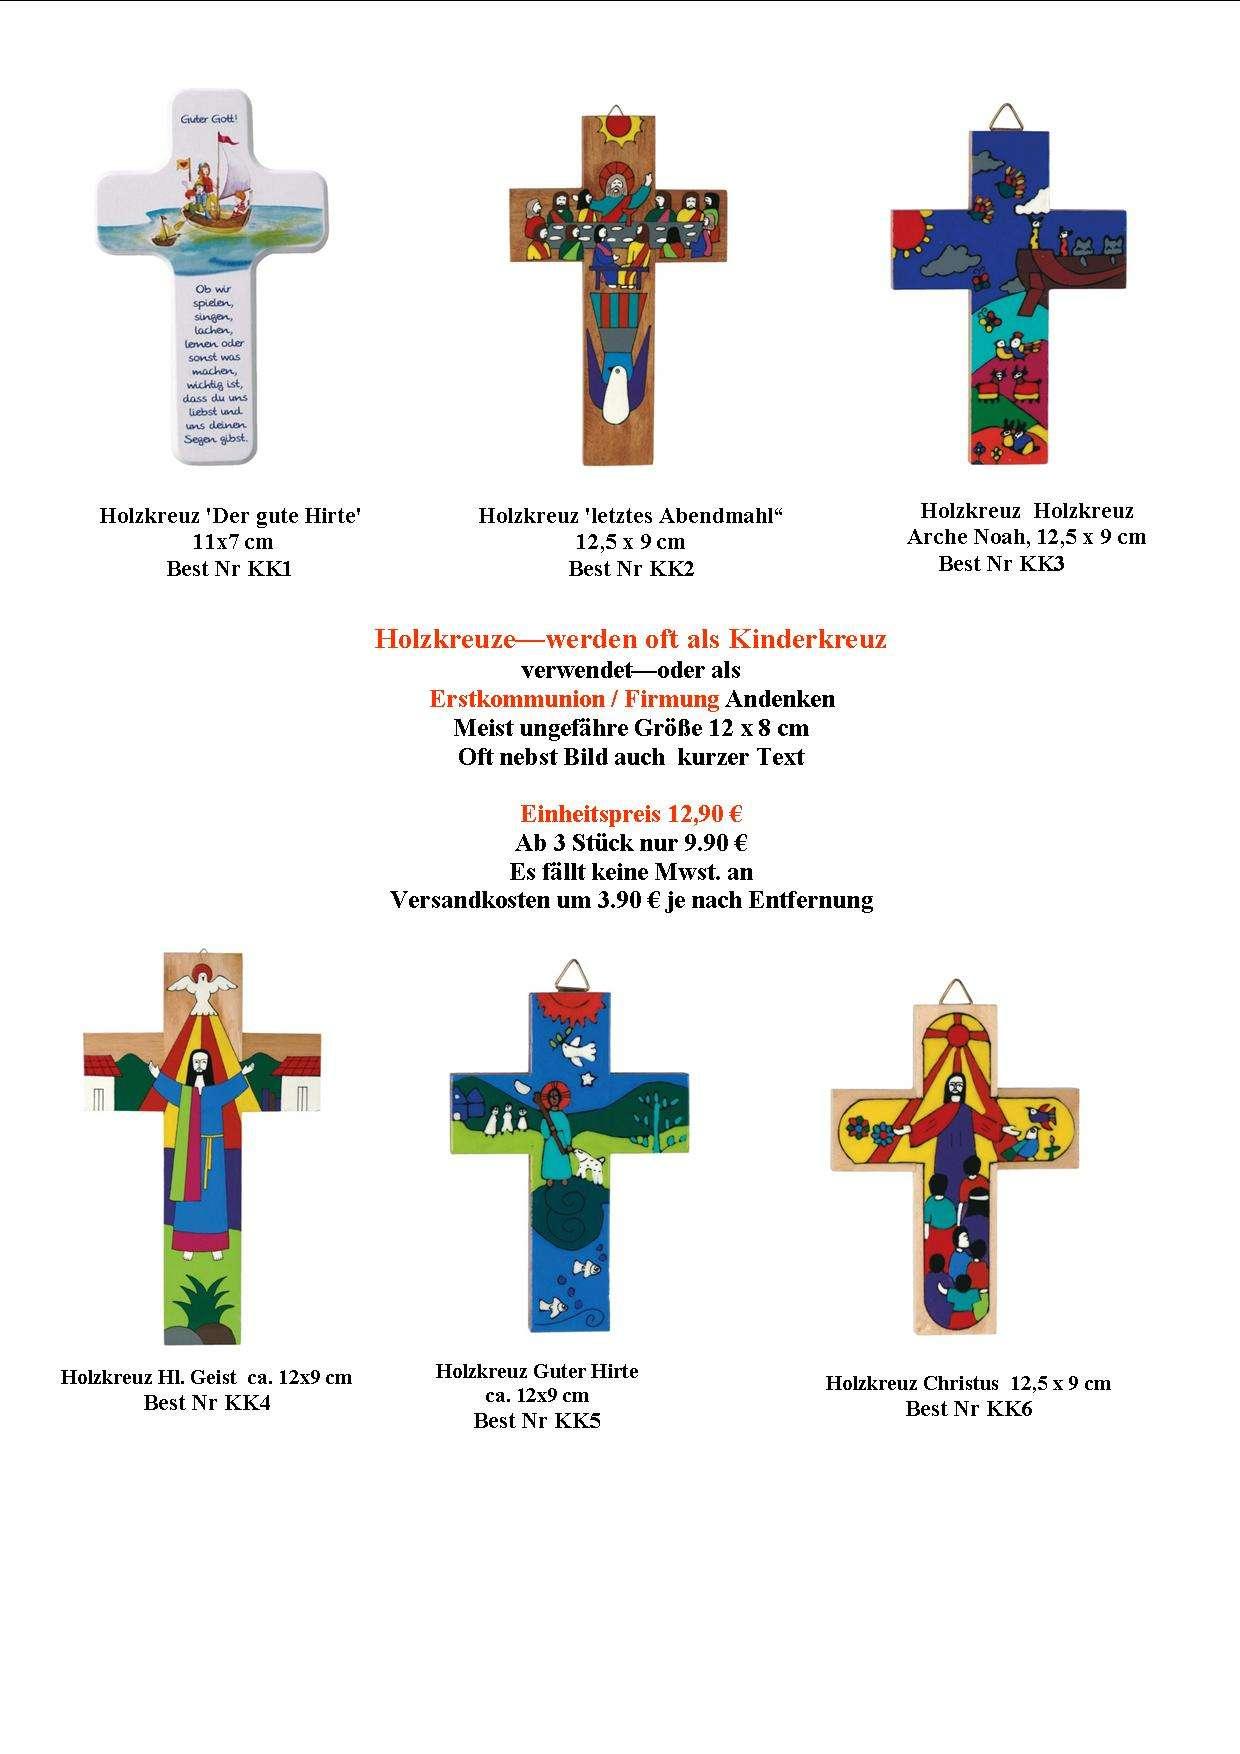 Holzkreuze Werden Oft Als Kinderkreuz Bezeichnet Gunstig Z B